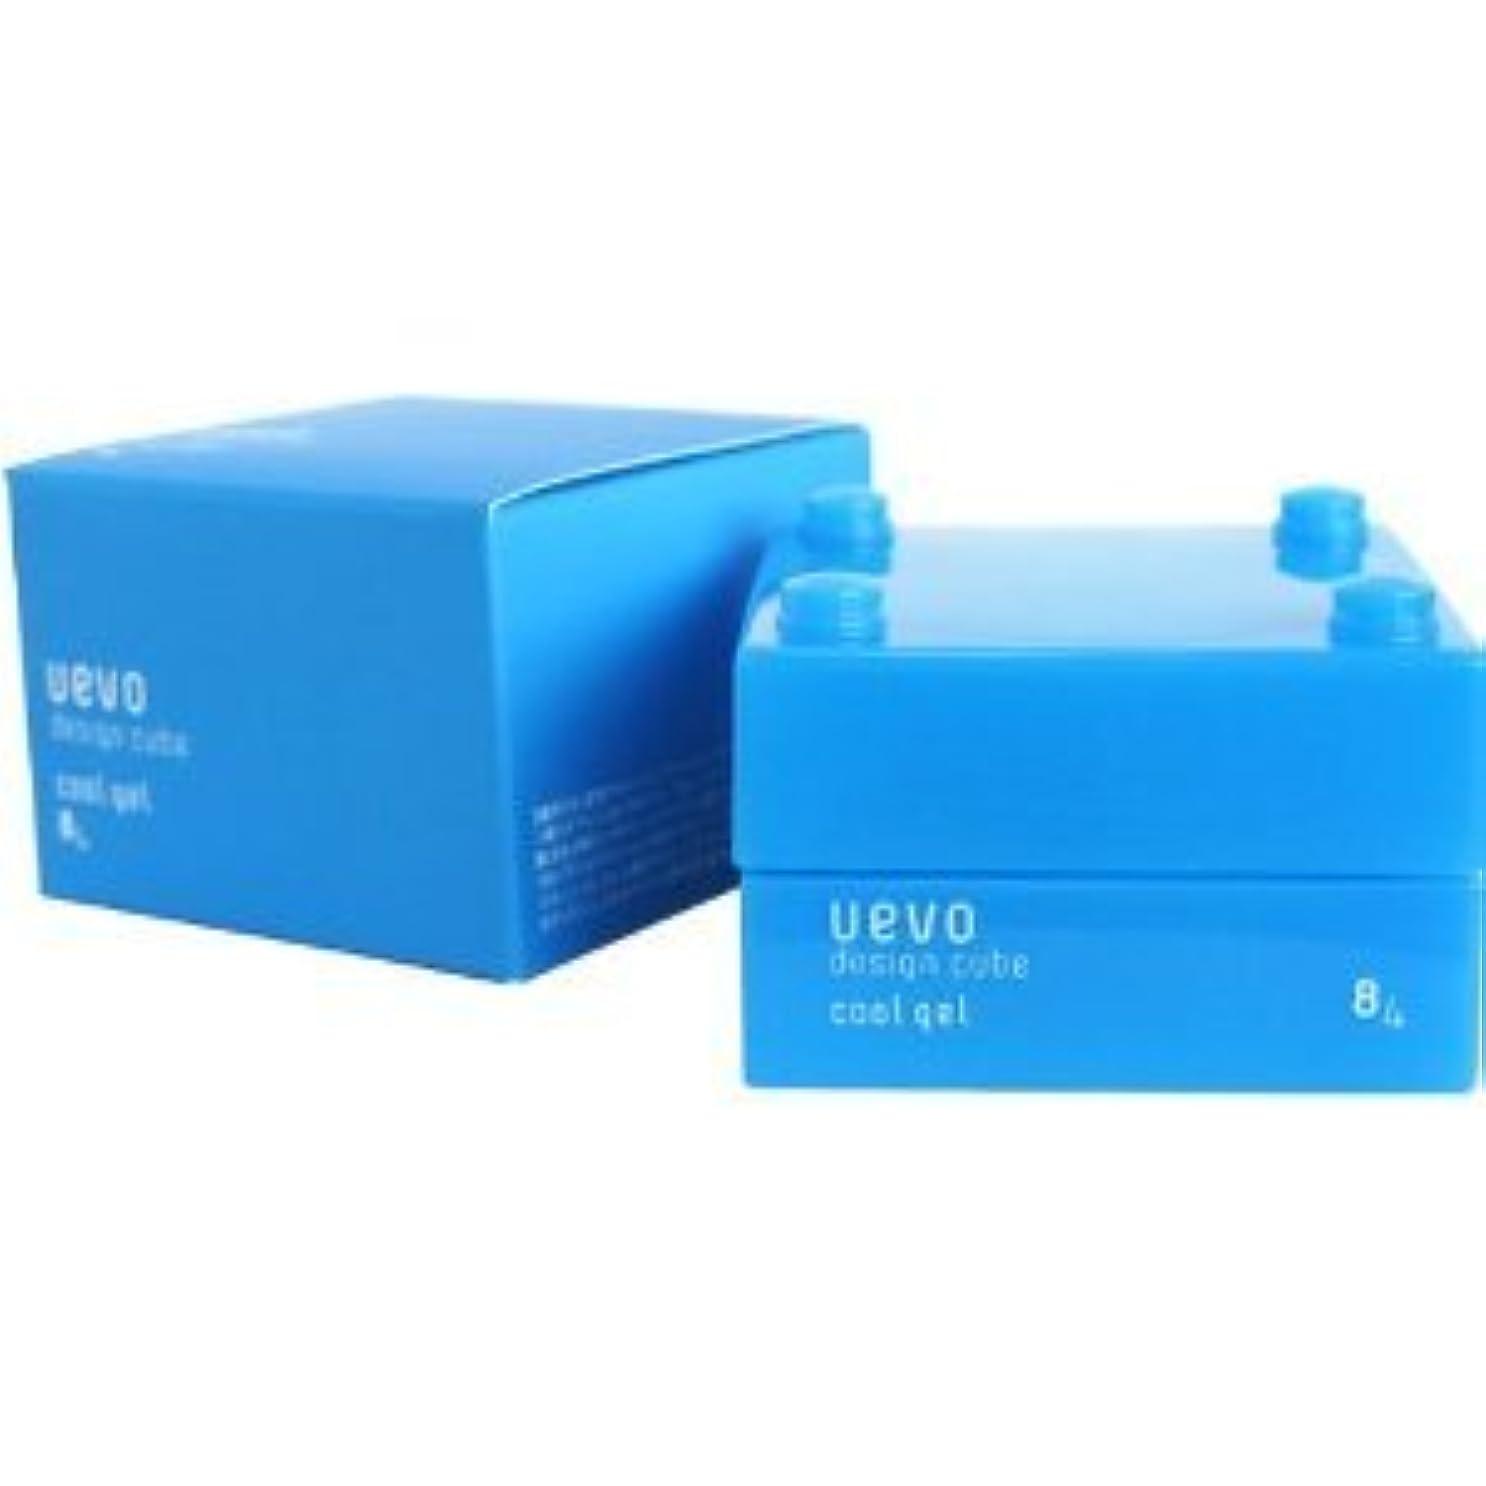 快適ビット貧しい【X3個セット】 デミ ウェーボ デザインキューブ クールジェル 30g cool gel DEMI uevo design cube